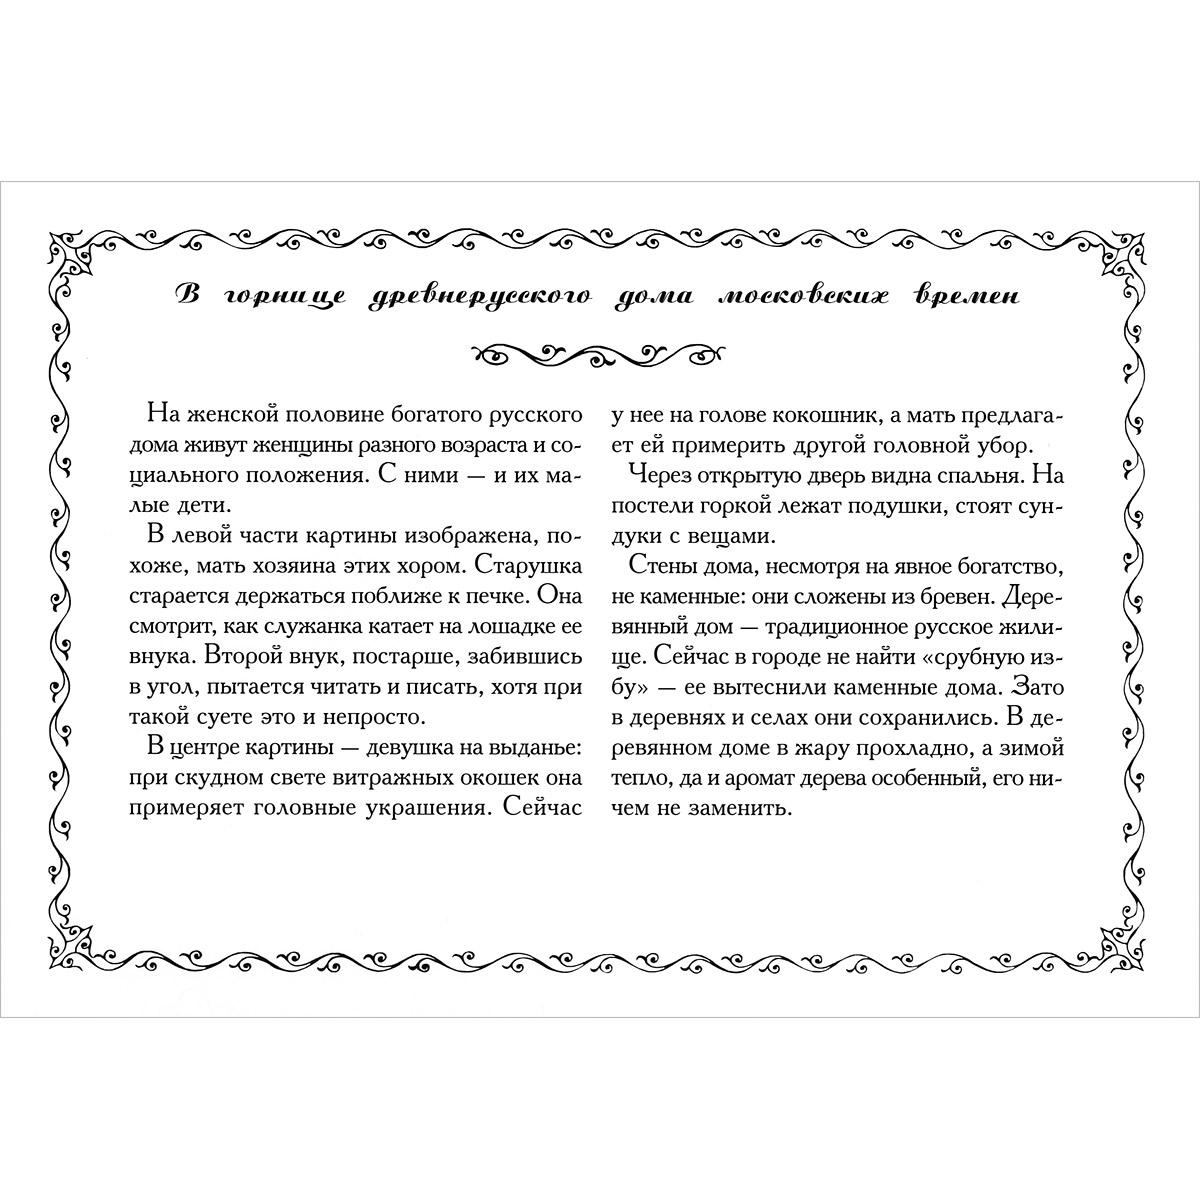 Русская история в картинах. Старая Москва в картинах Аполинария Васнецова (набор из 24 репродукций)